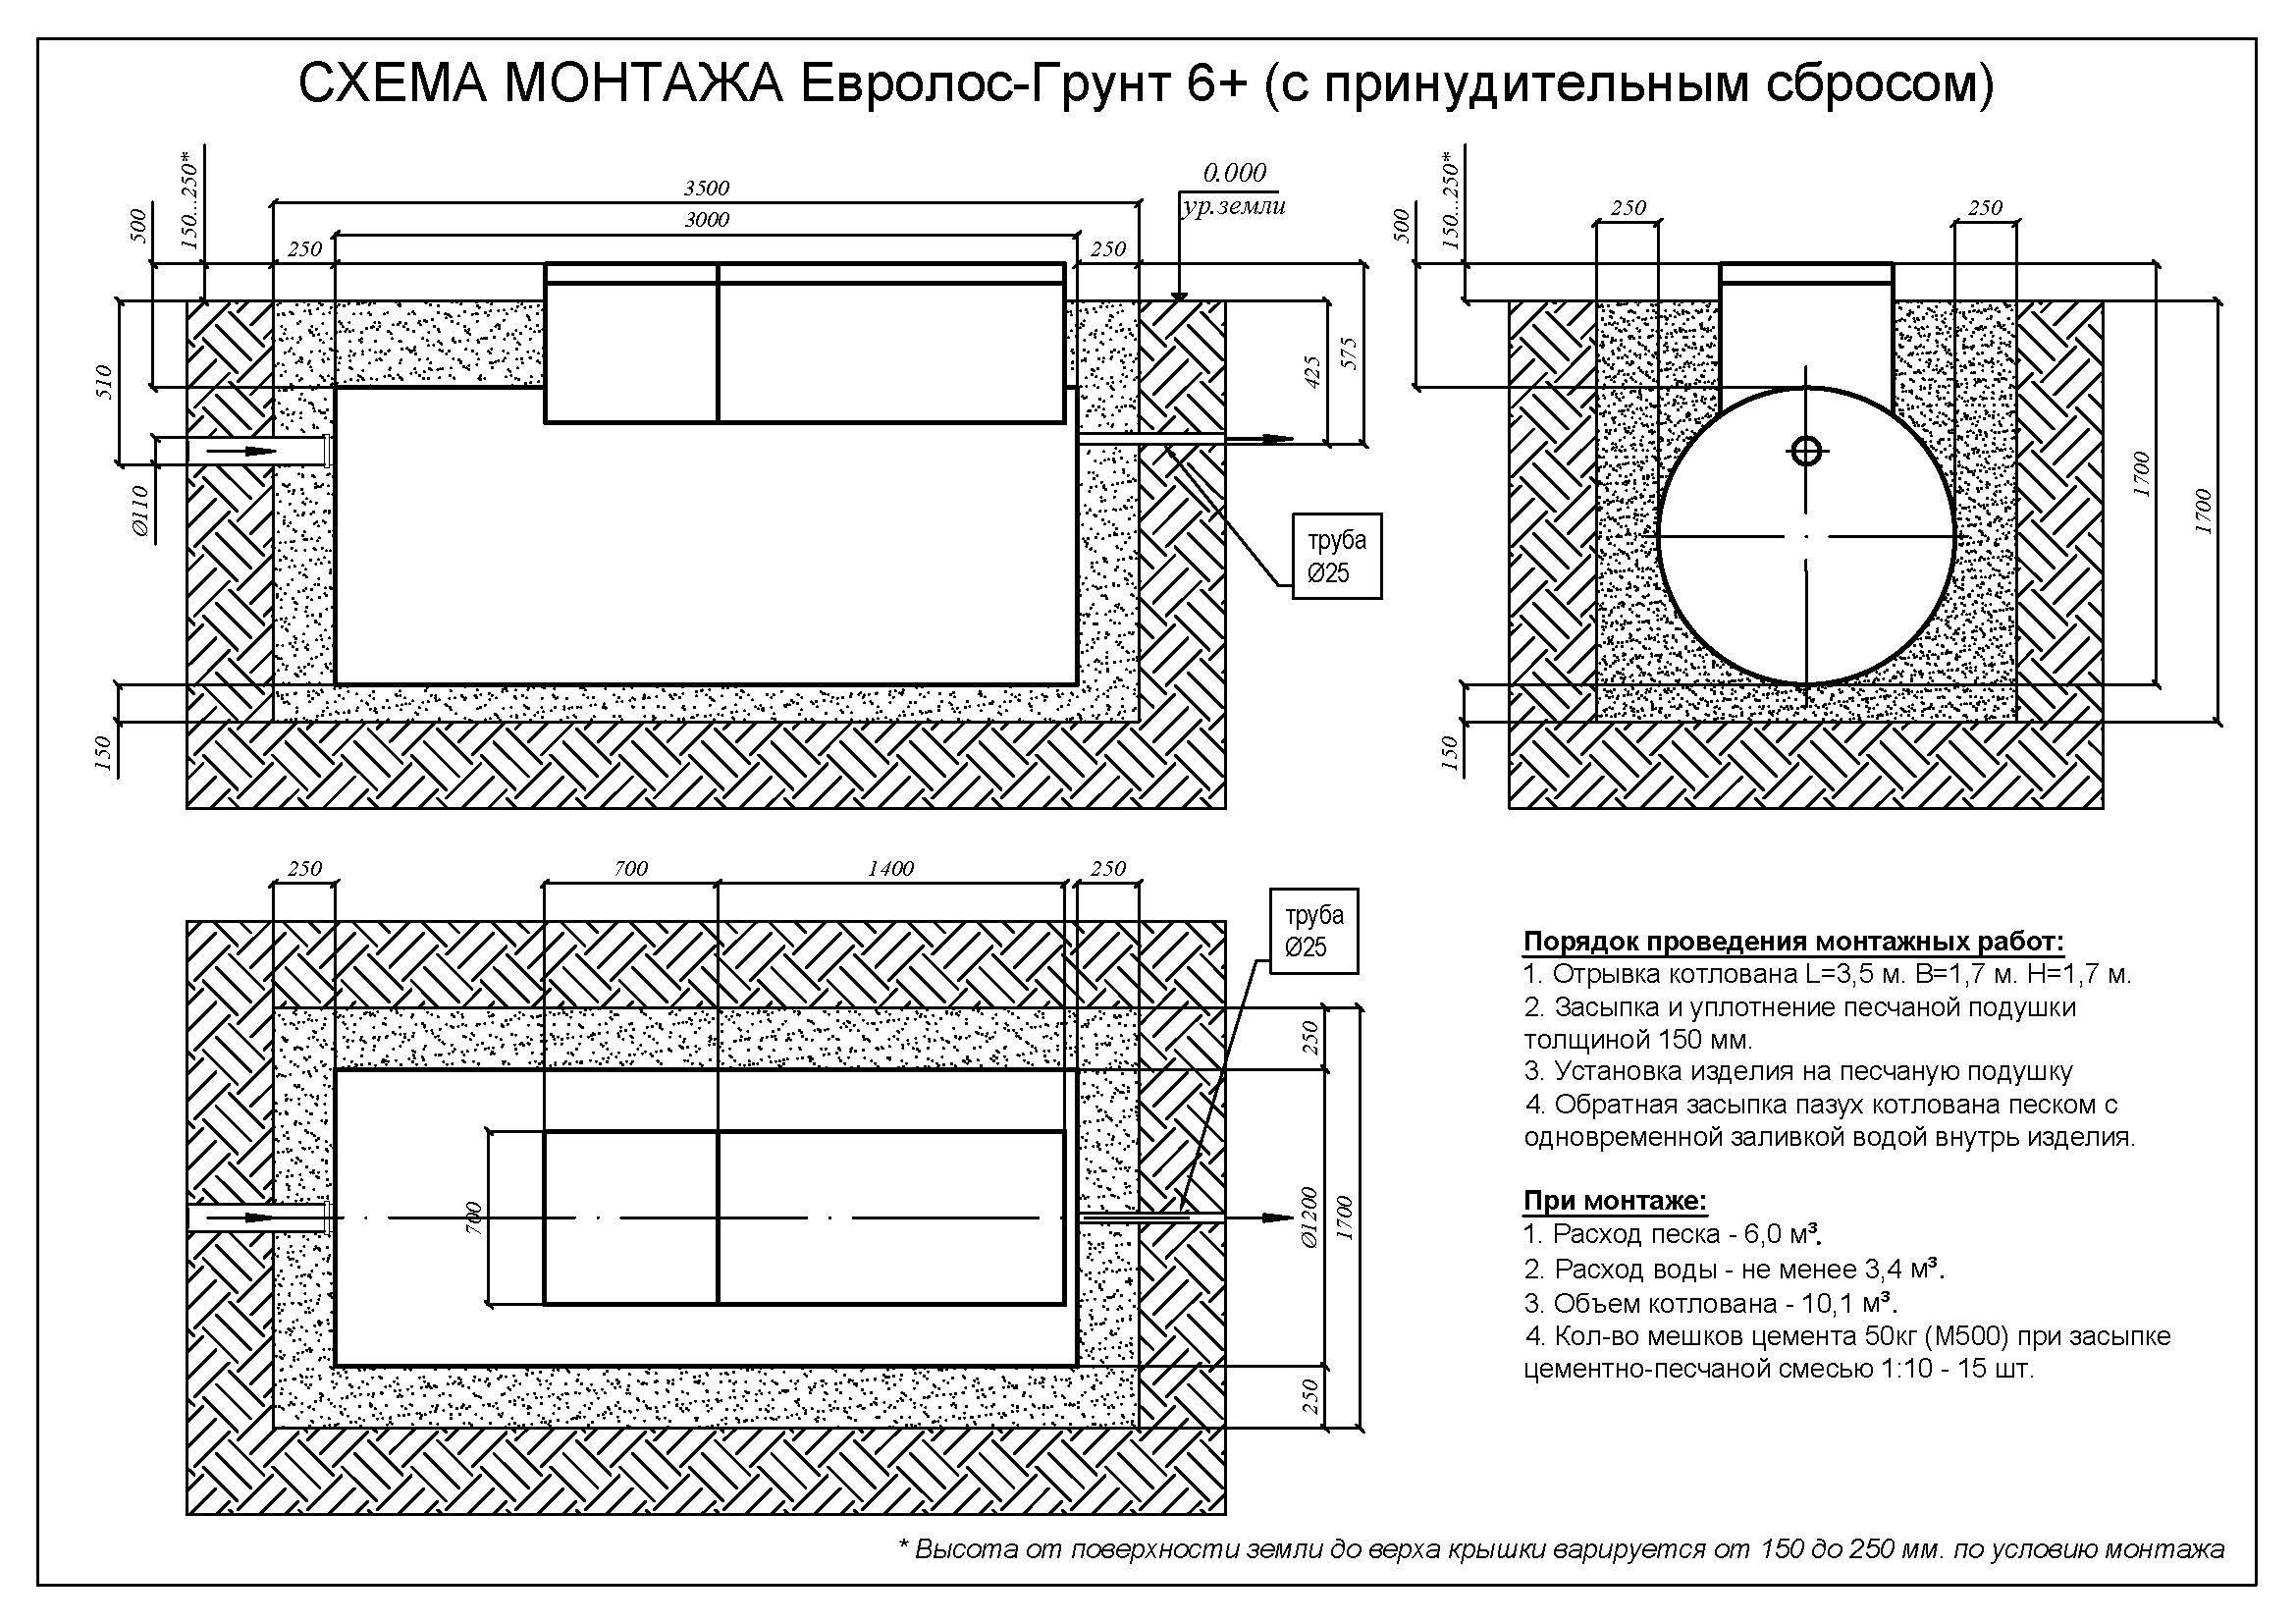 Монтажные схемы Евролос Грунт_Страница_08